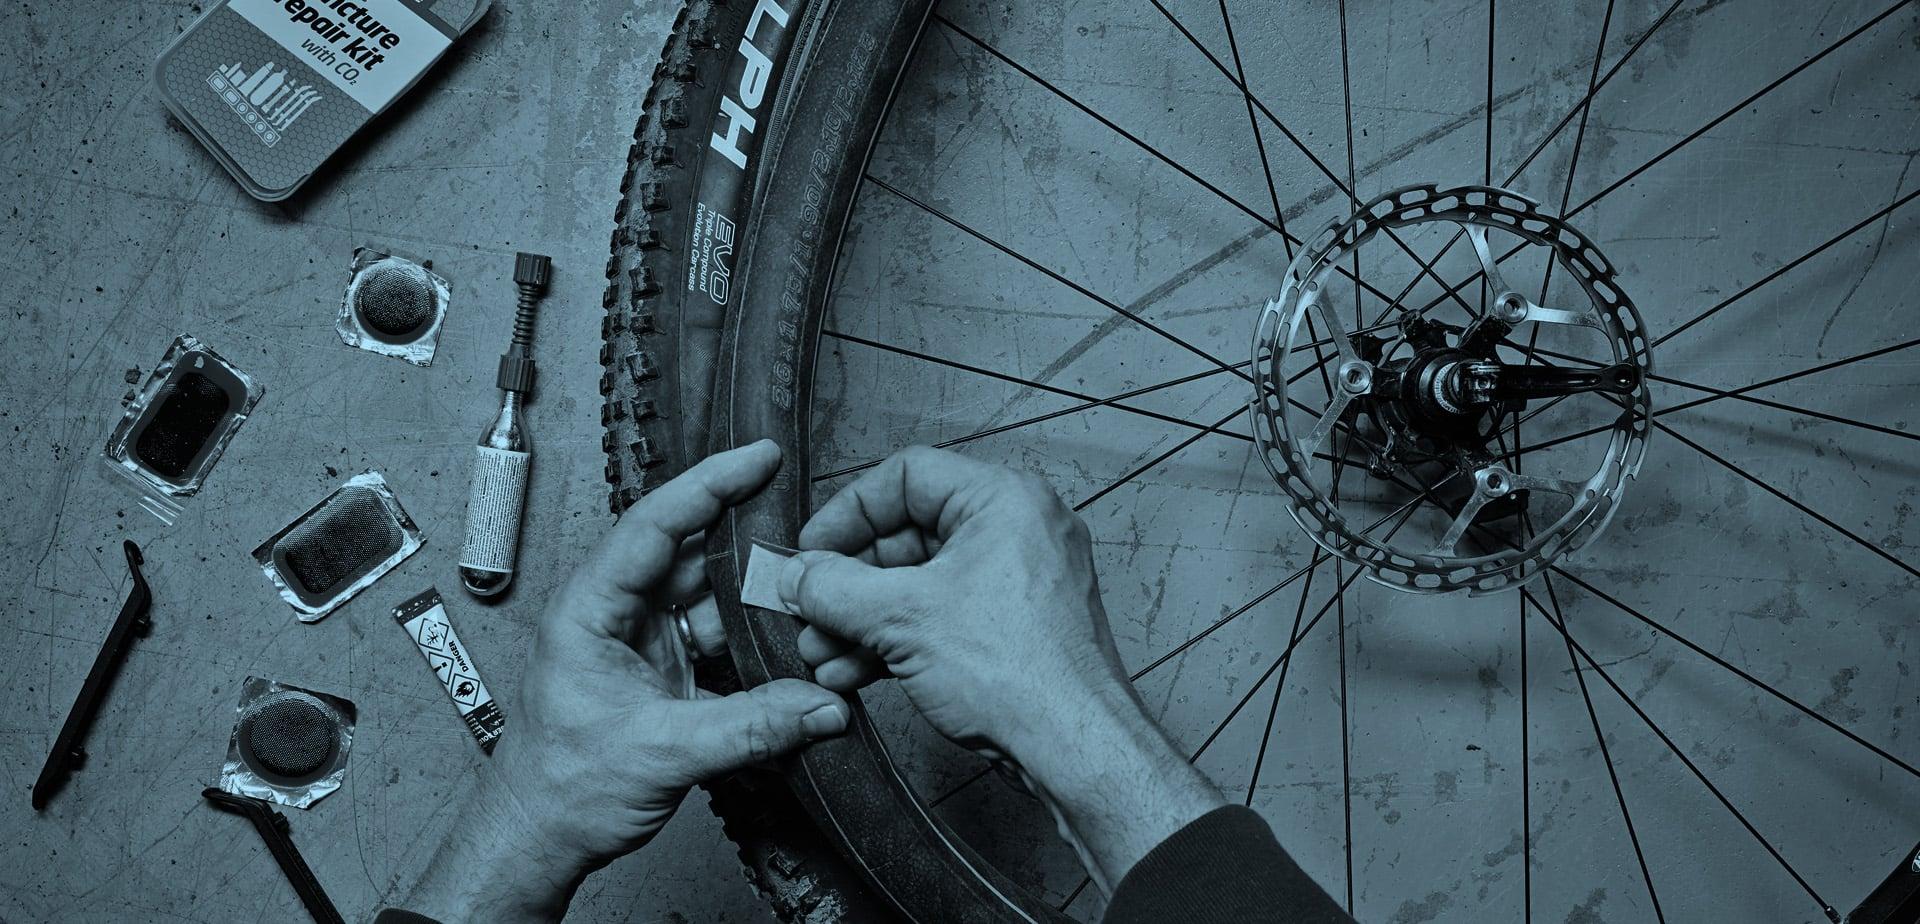 Ремонт велосипедной камеры с помощью велоаптечки FLAT-FIX Weldtite